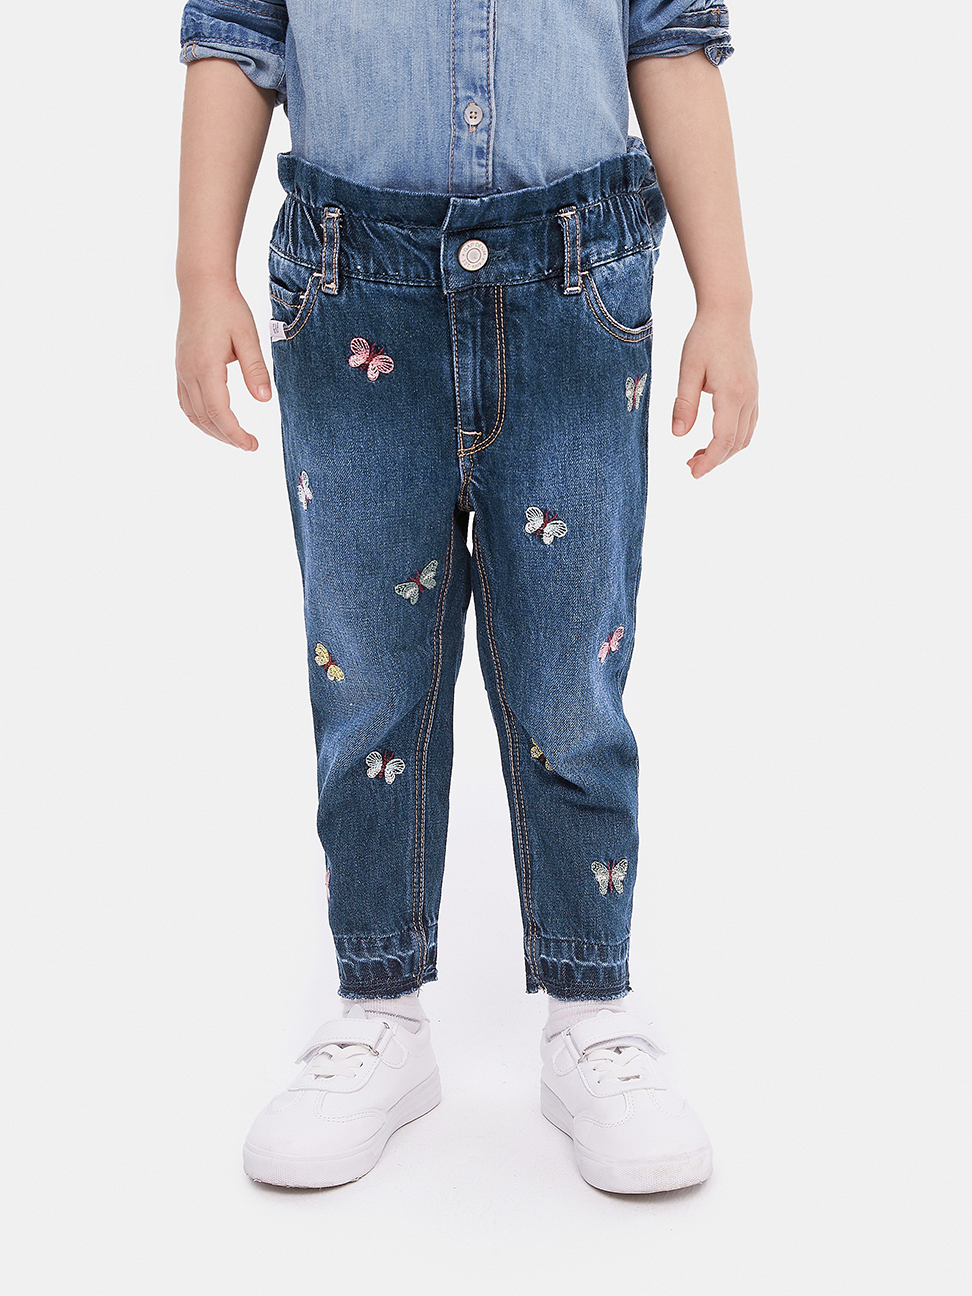 幼童 童趣風格刺繡鬆緊牛仔褲